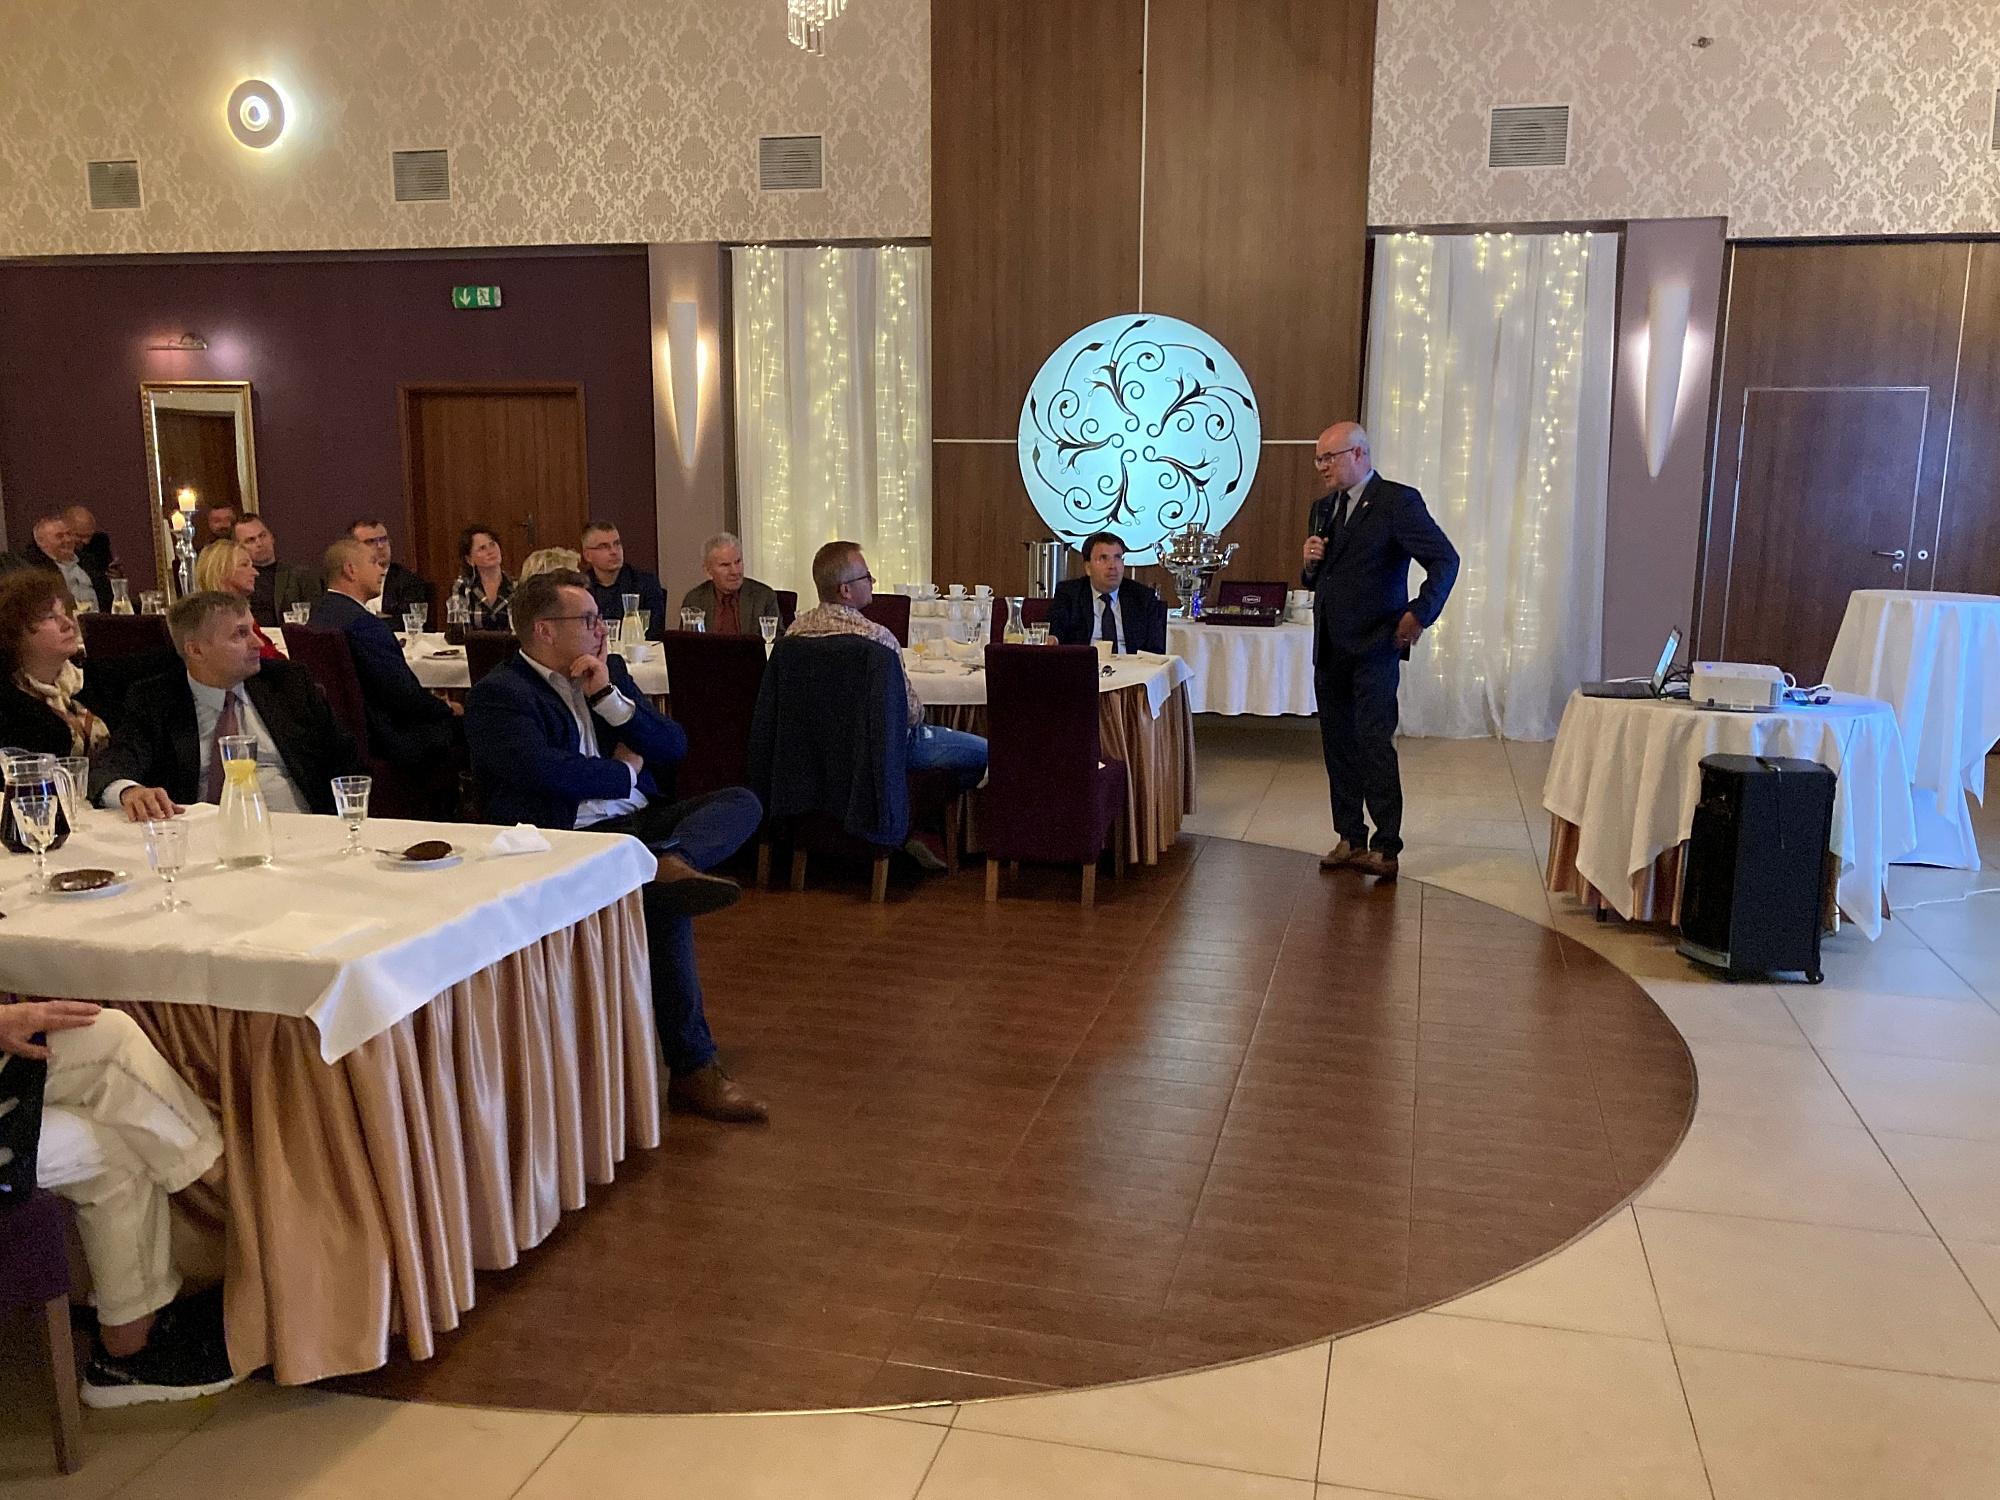 Generał broni Waldemar Skrzypczak wygłosił wykład w Gnieźnie!